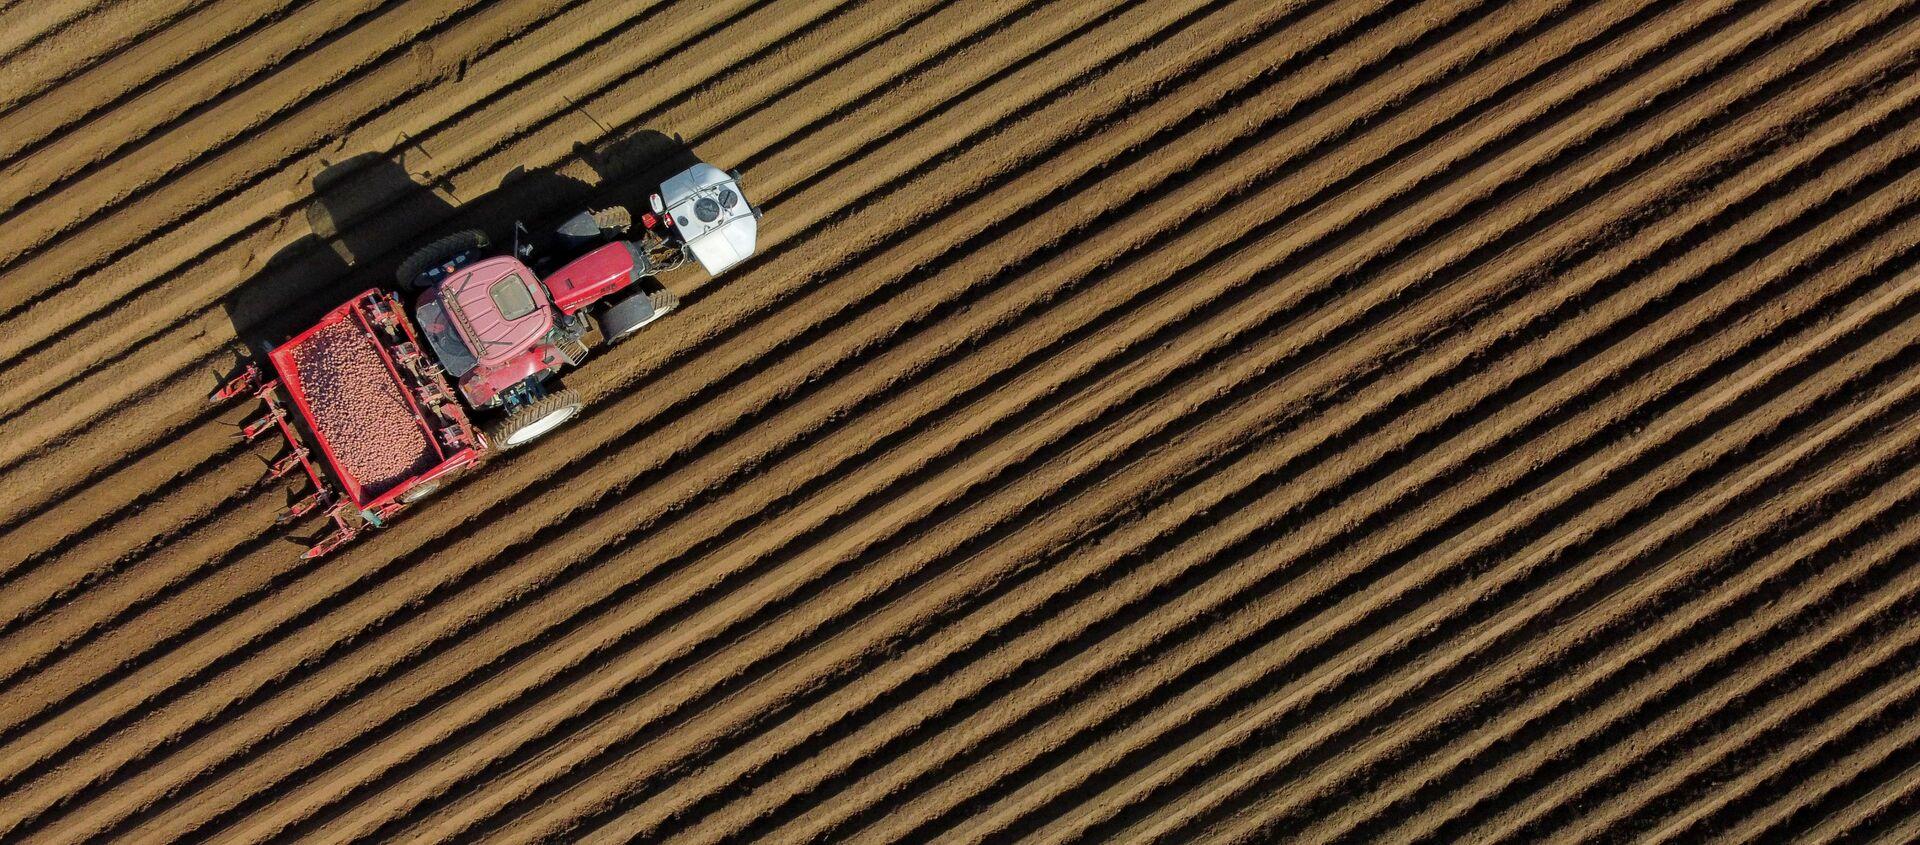 Сельскохозяйственный кризис во Франции. Обработка полей с помощью сельхозтехники - Sputnik Грузия, 1920, 17.04.2021